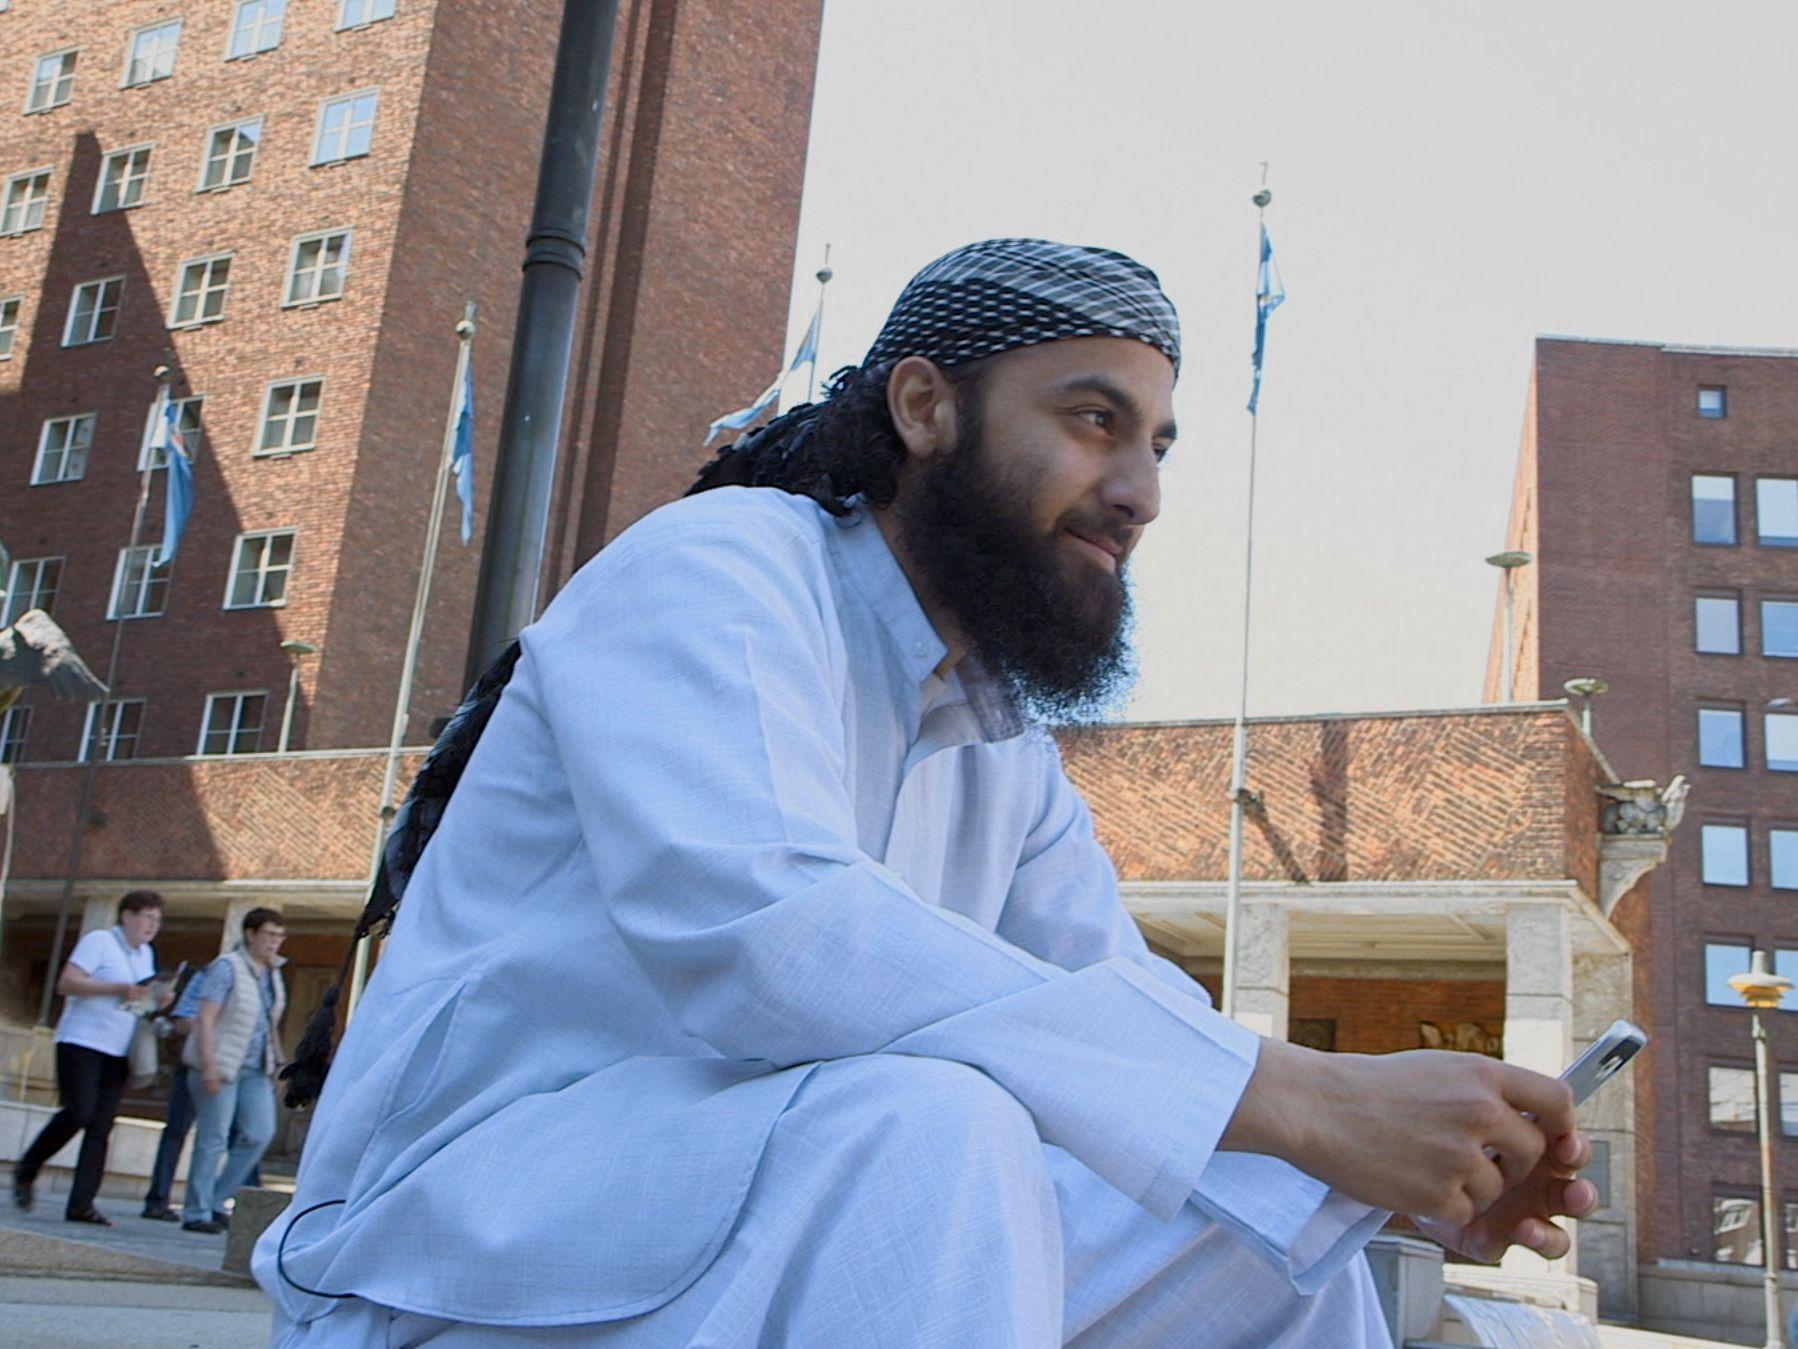 Filmskaper Adel Khan Farooq: – Islamistene virket som helt